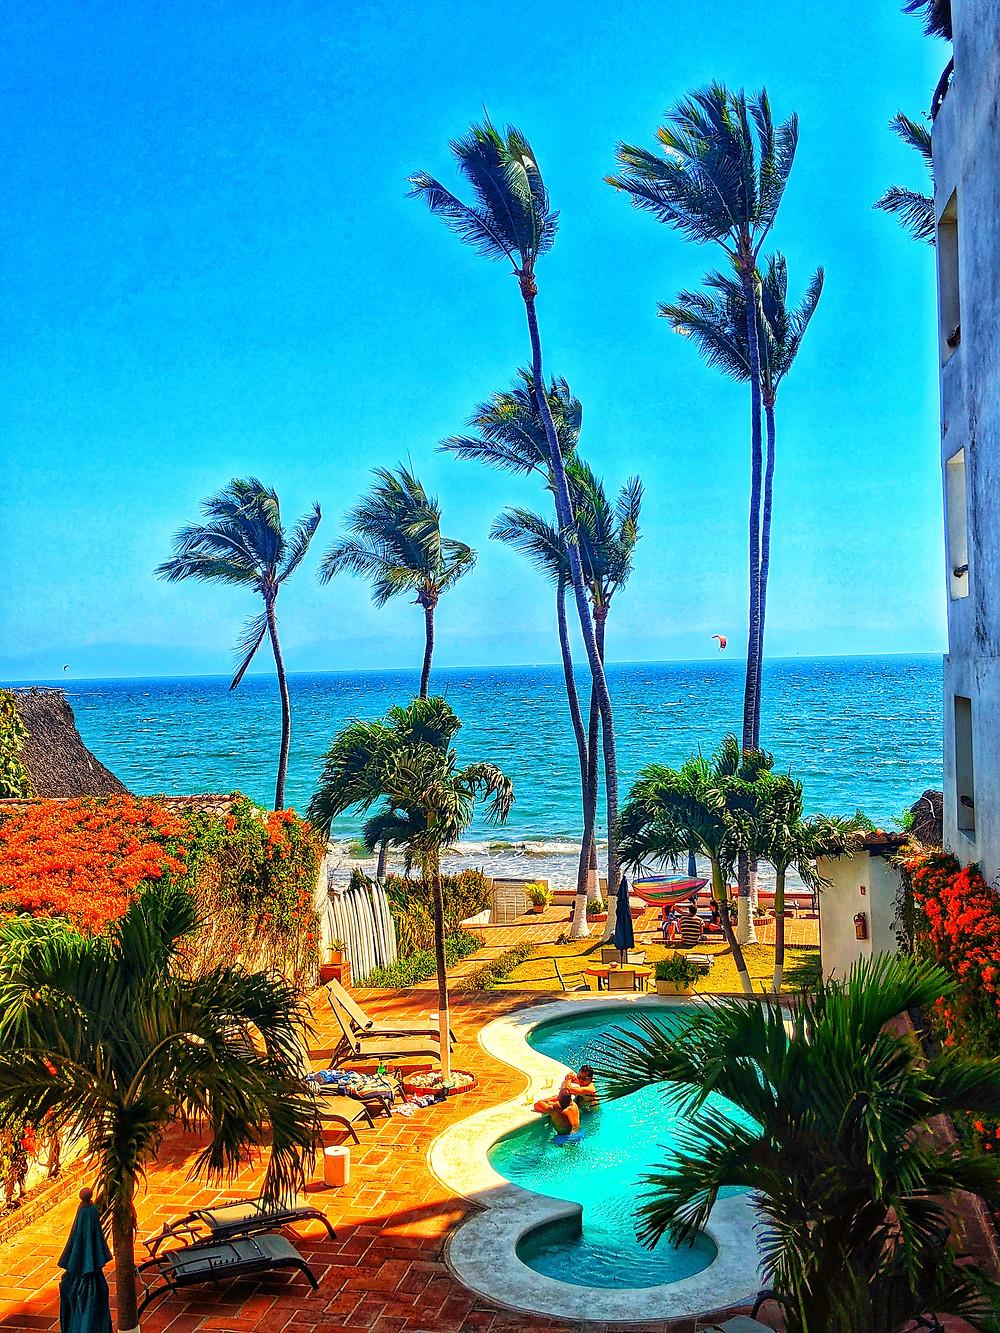 Casa Blanca, Beach House, Beach view, Bucerias Beach, Palm Trees, Pool and Ocean